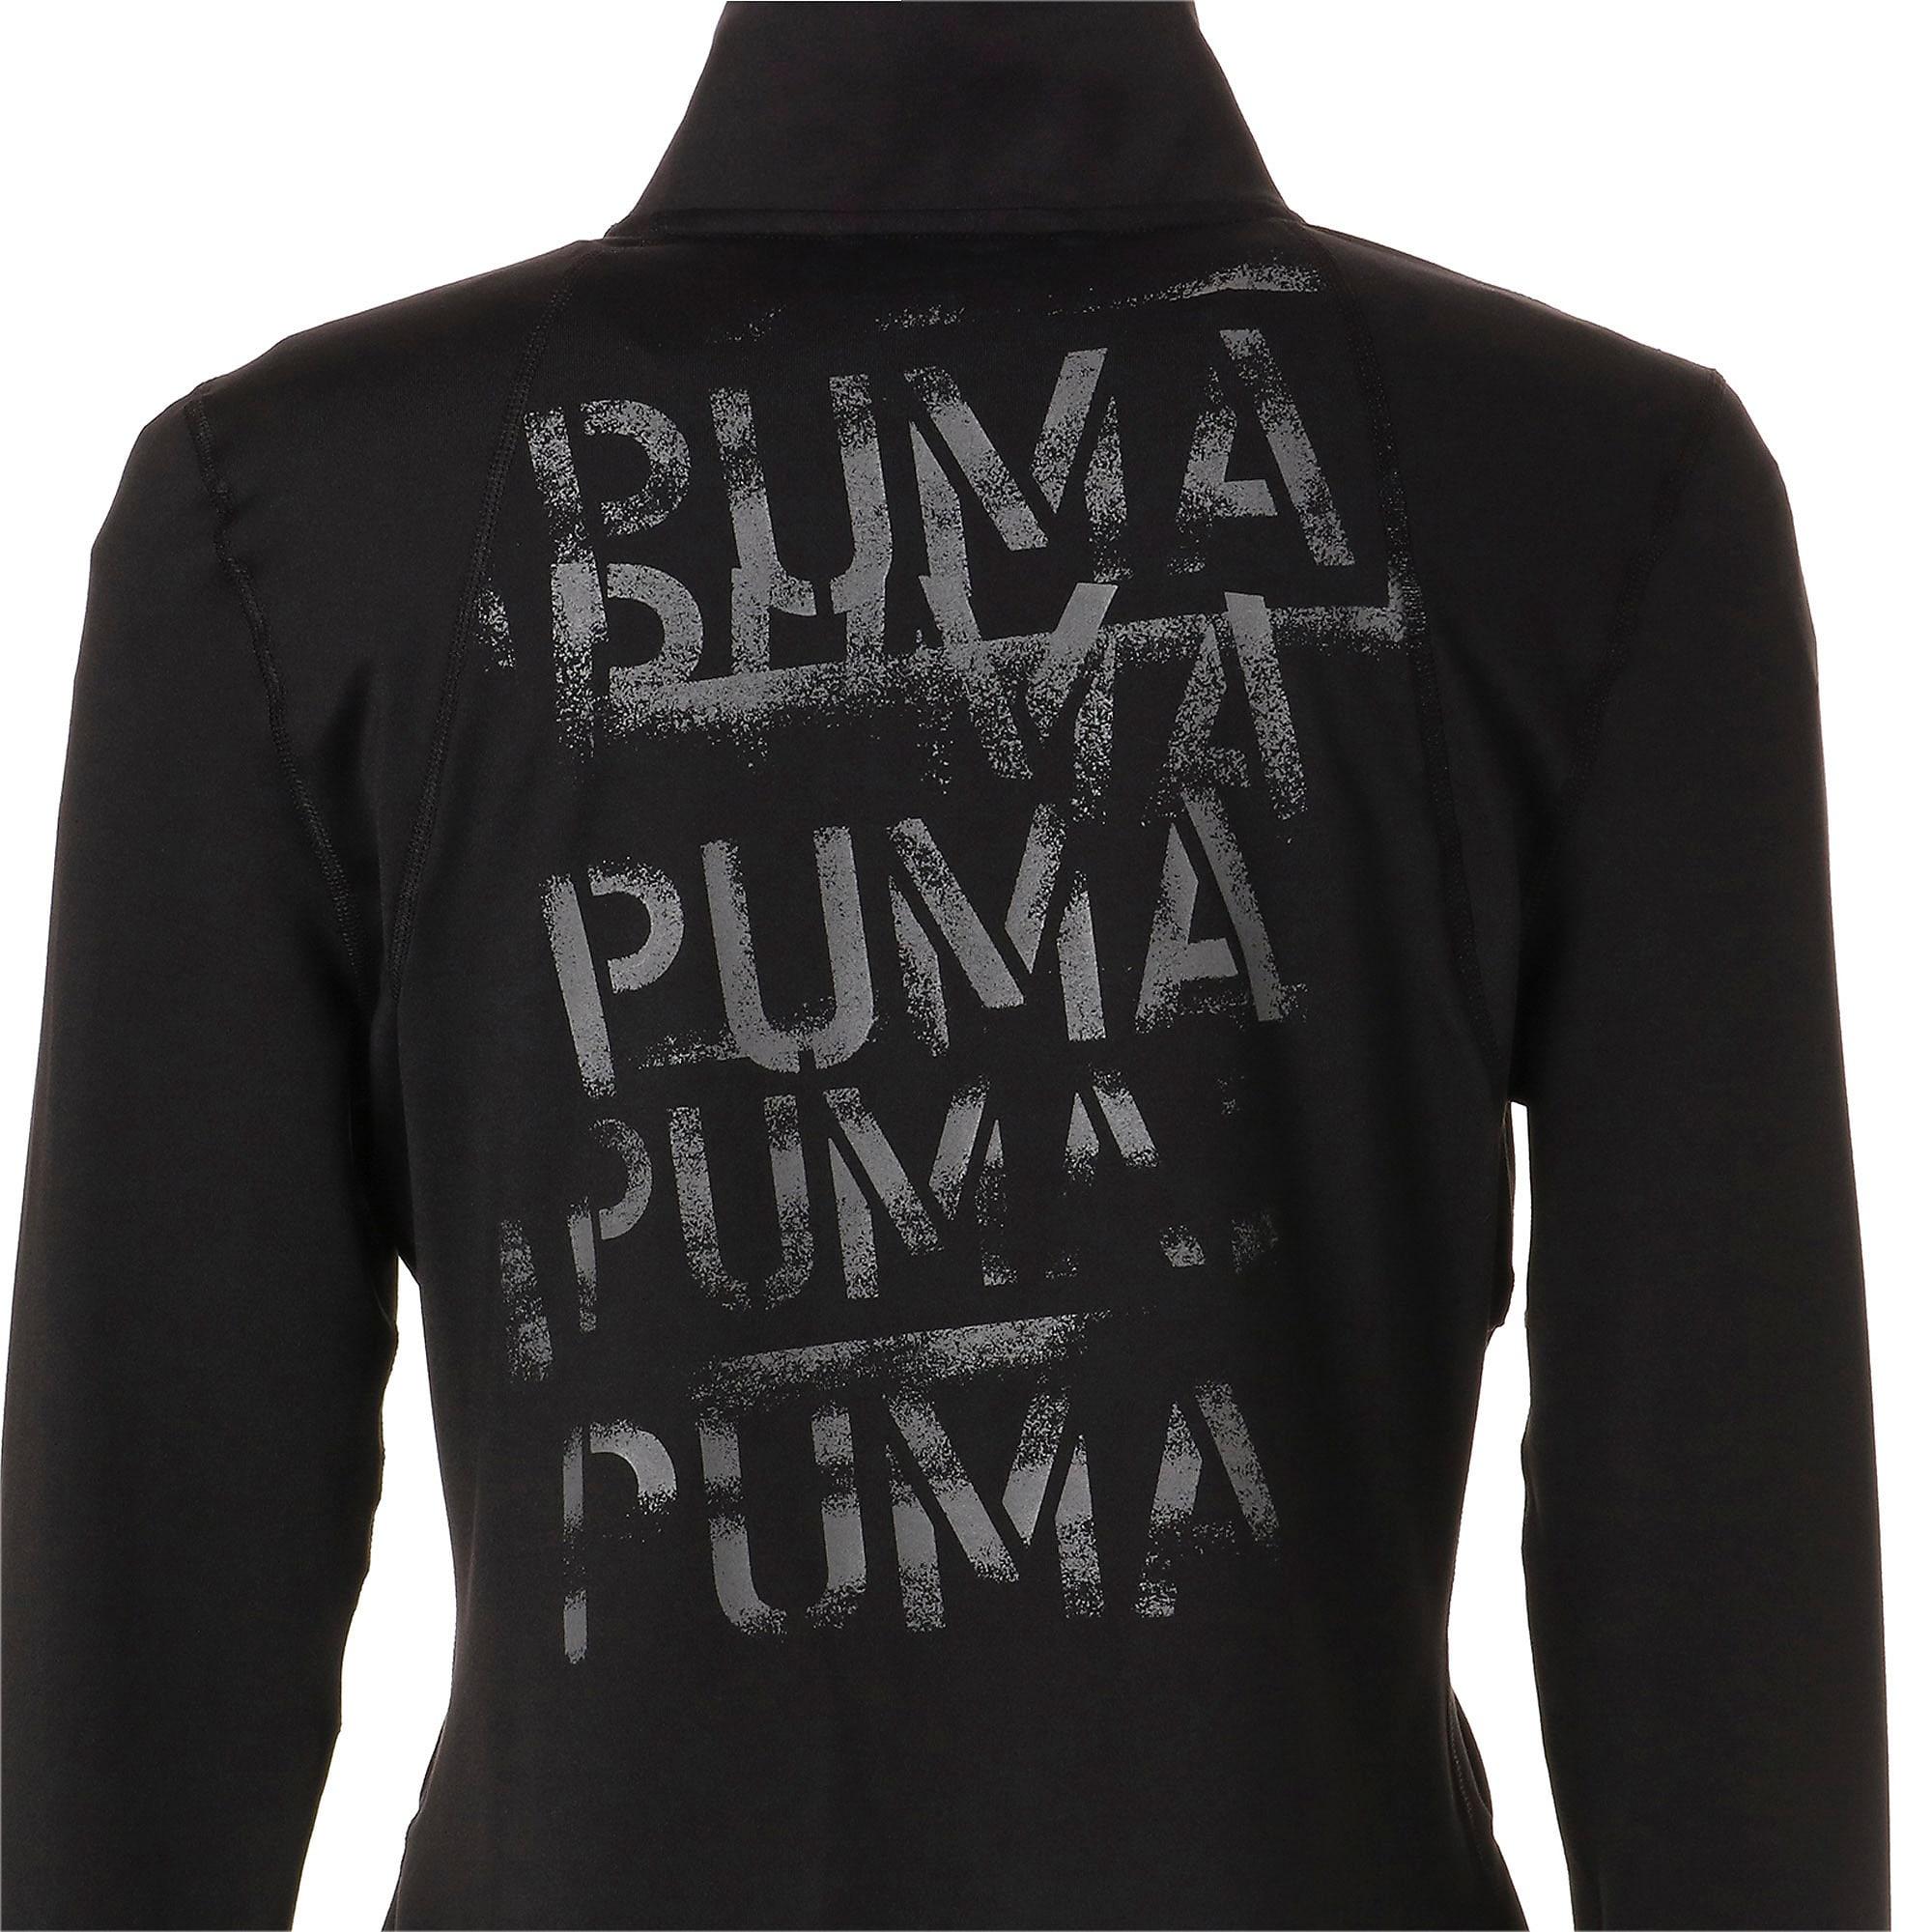 Thumbnail 11 of スタジオ ウィメンズ トレーニング ニット ジャケット, Puma Black, medium-JPN